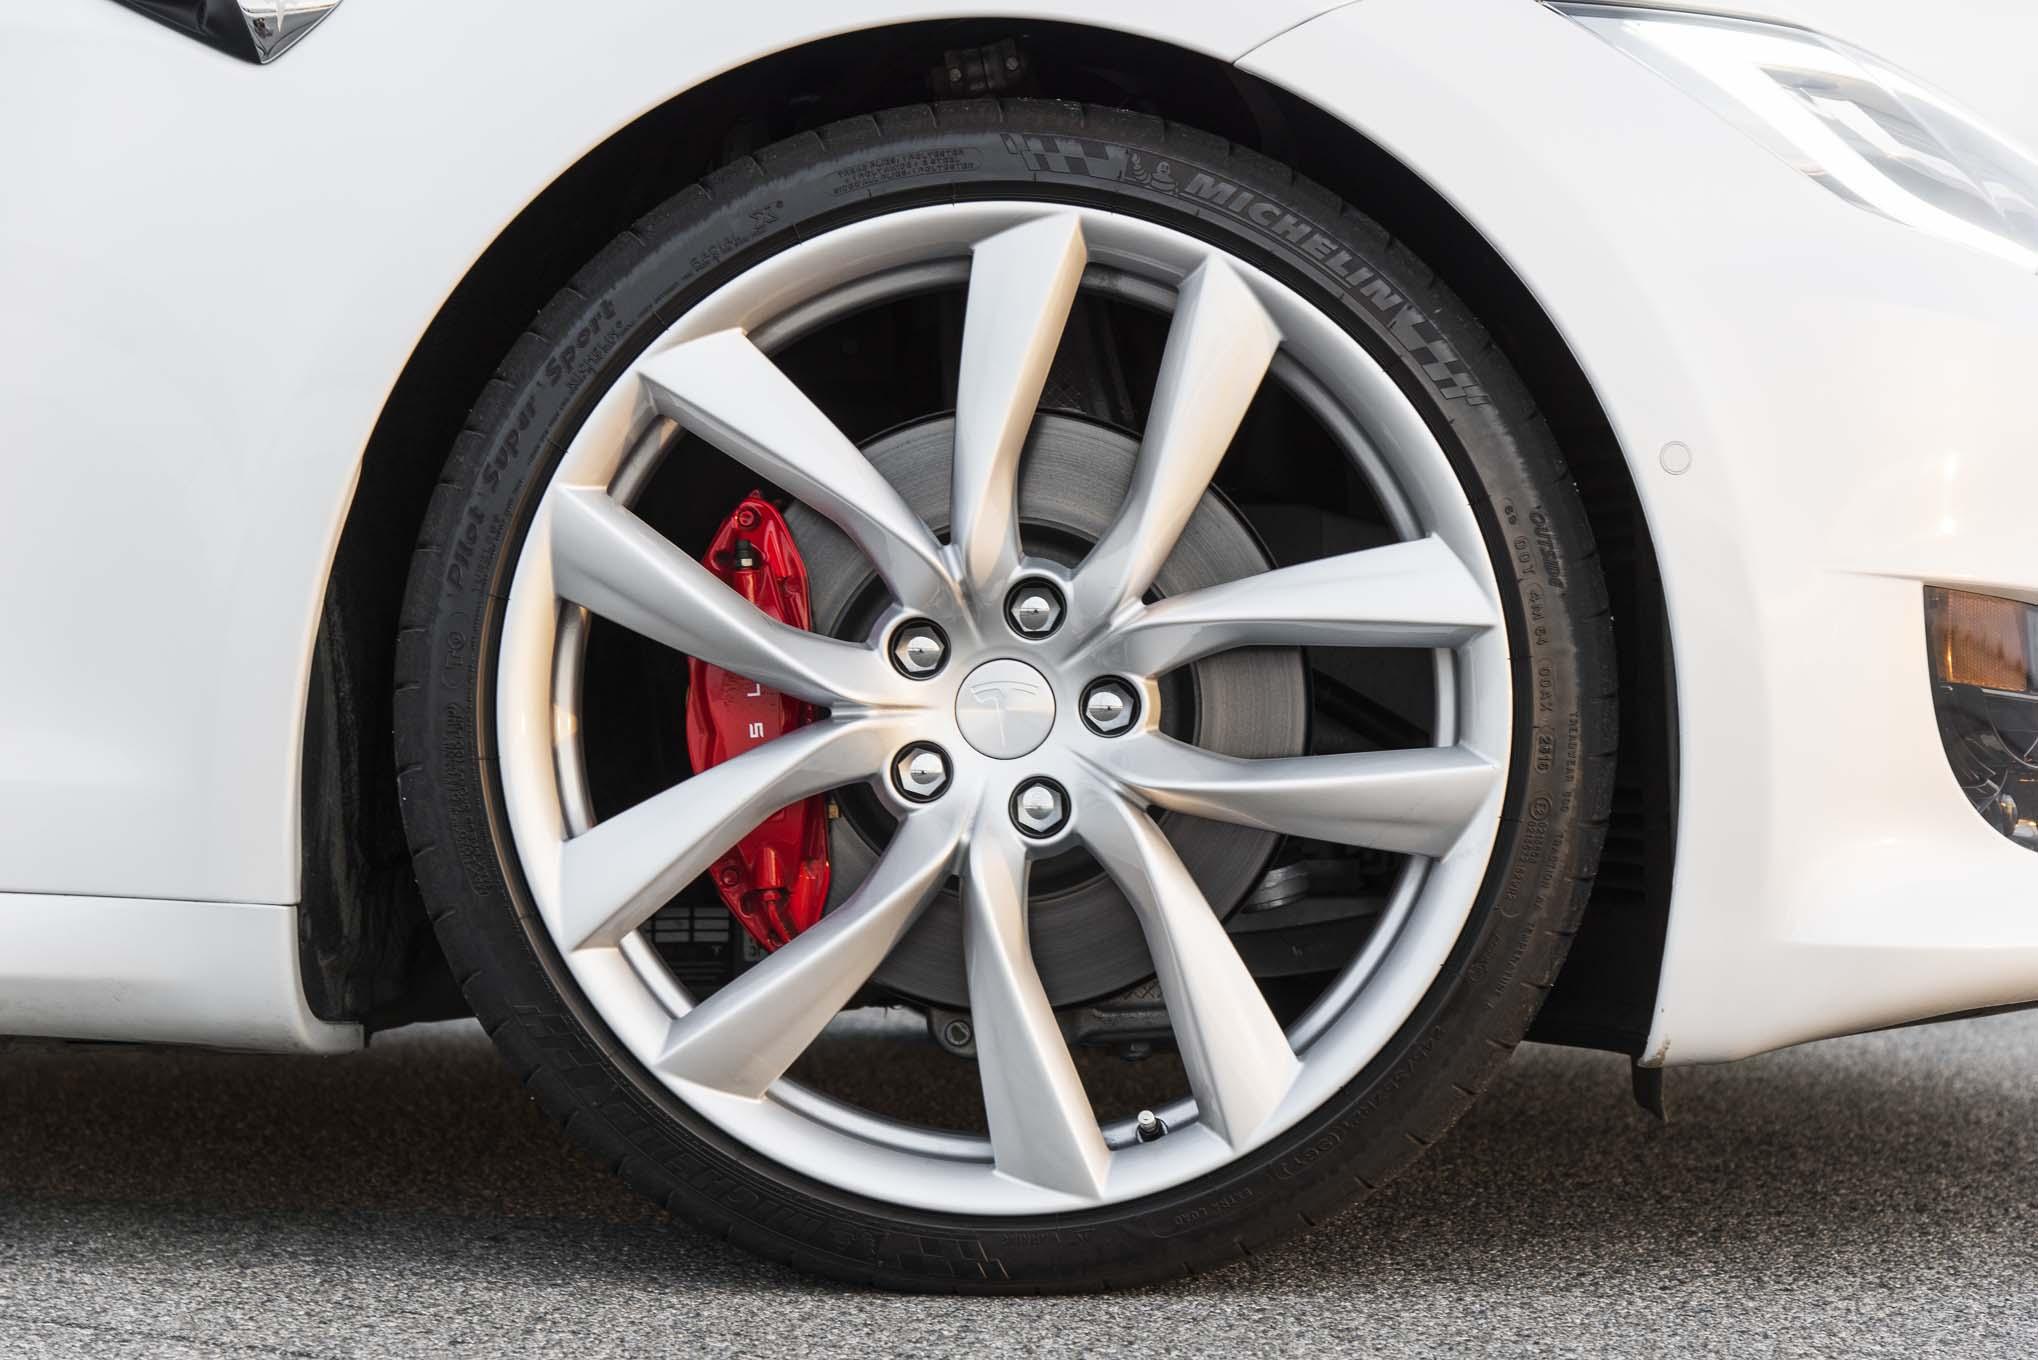 2017 Tesla Model S P100D wheels